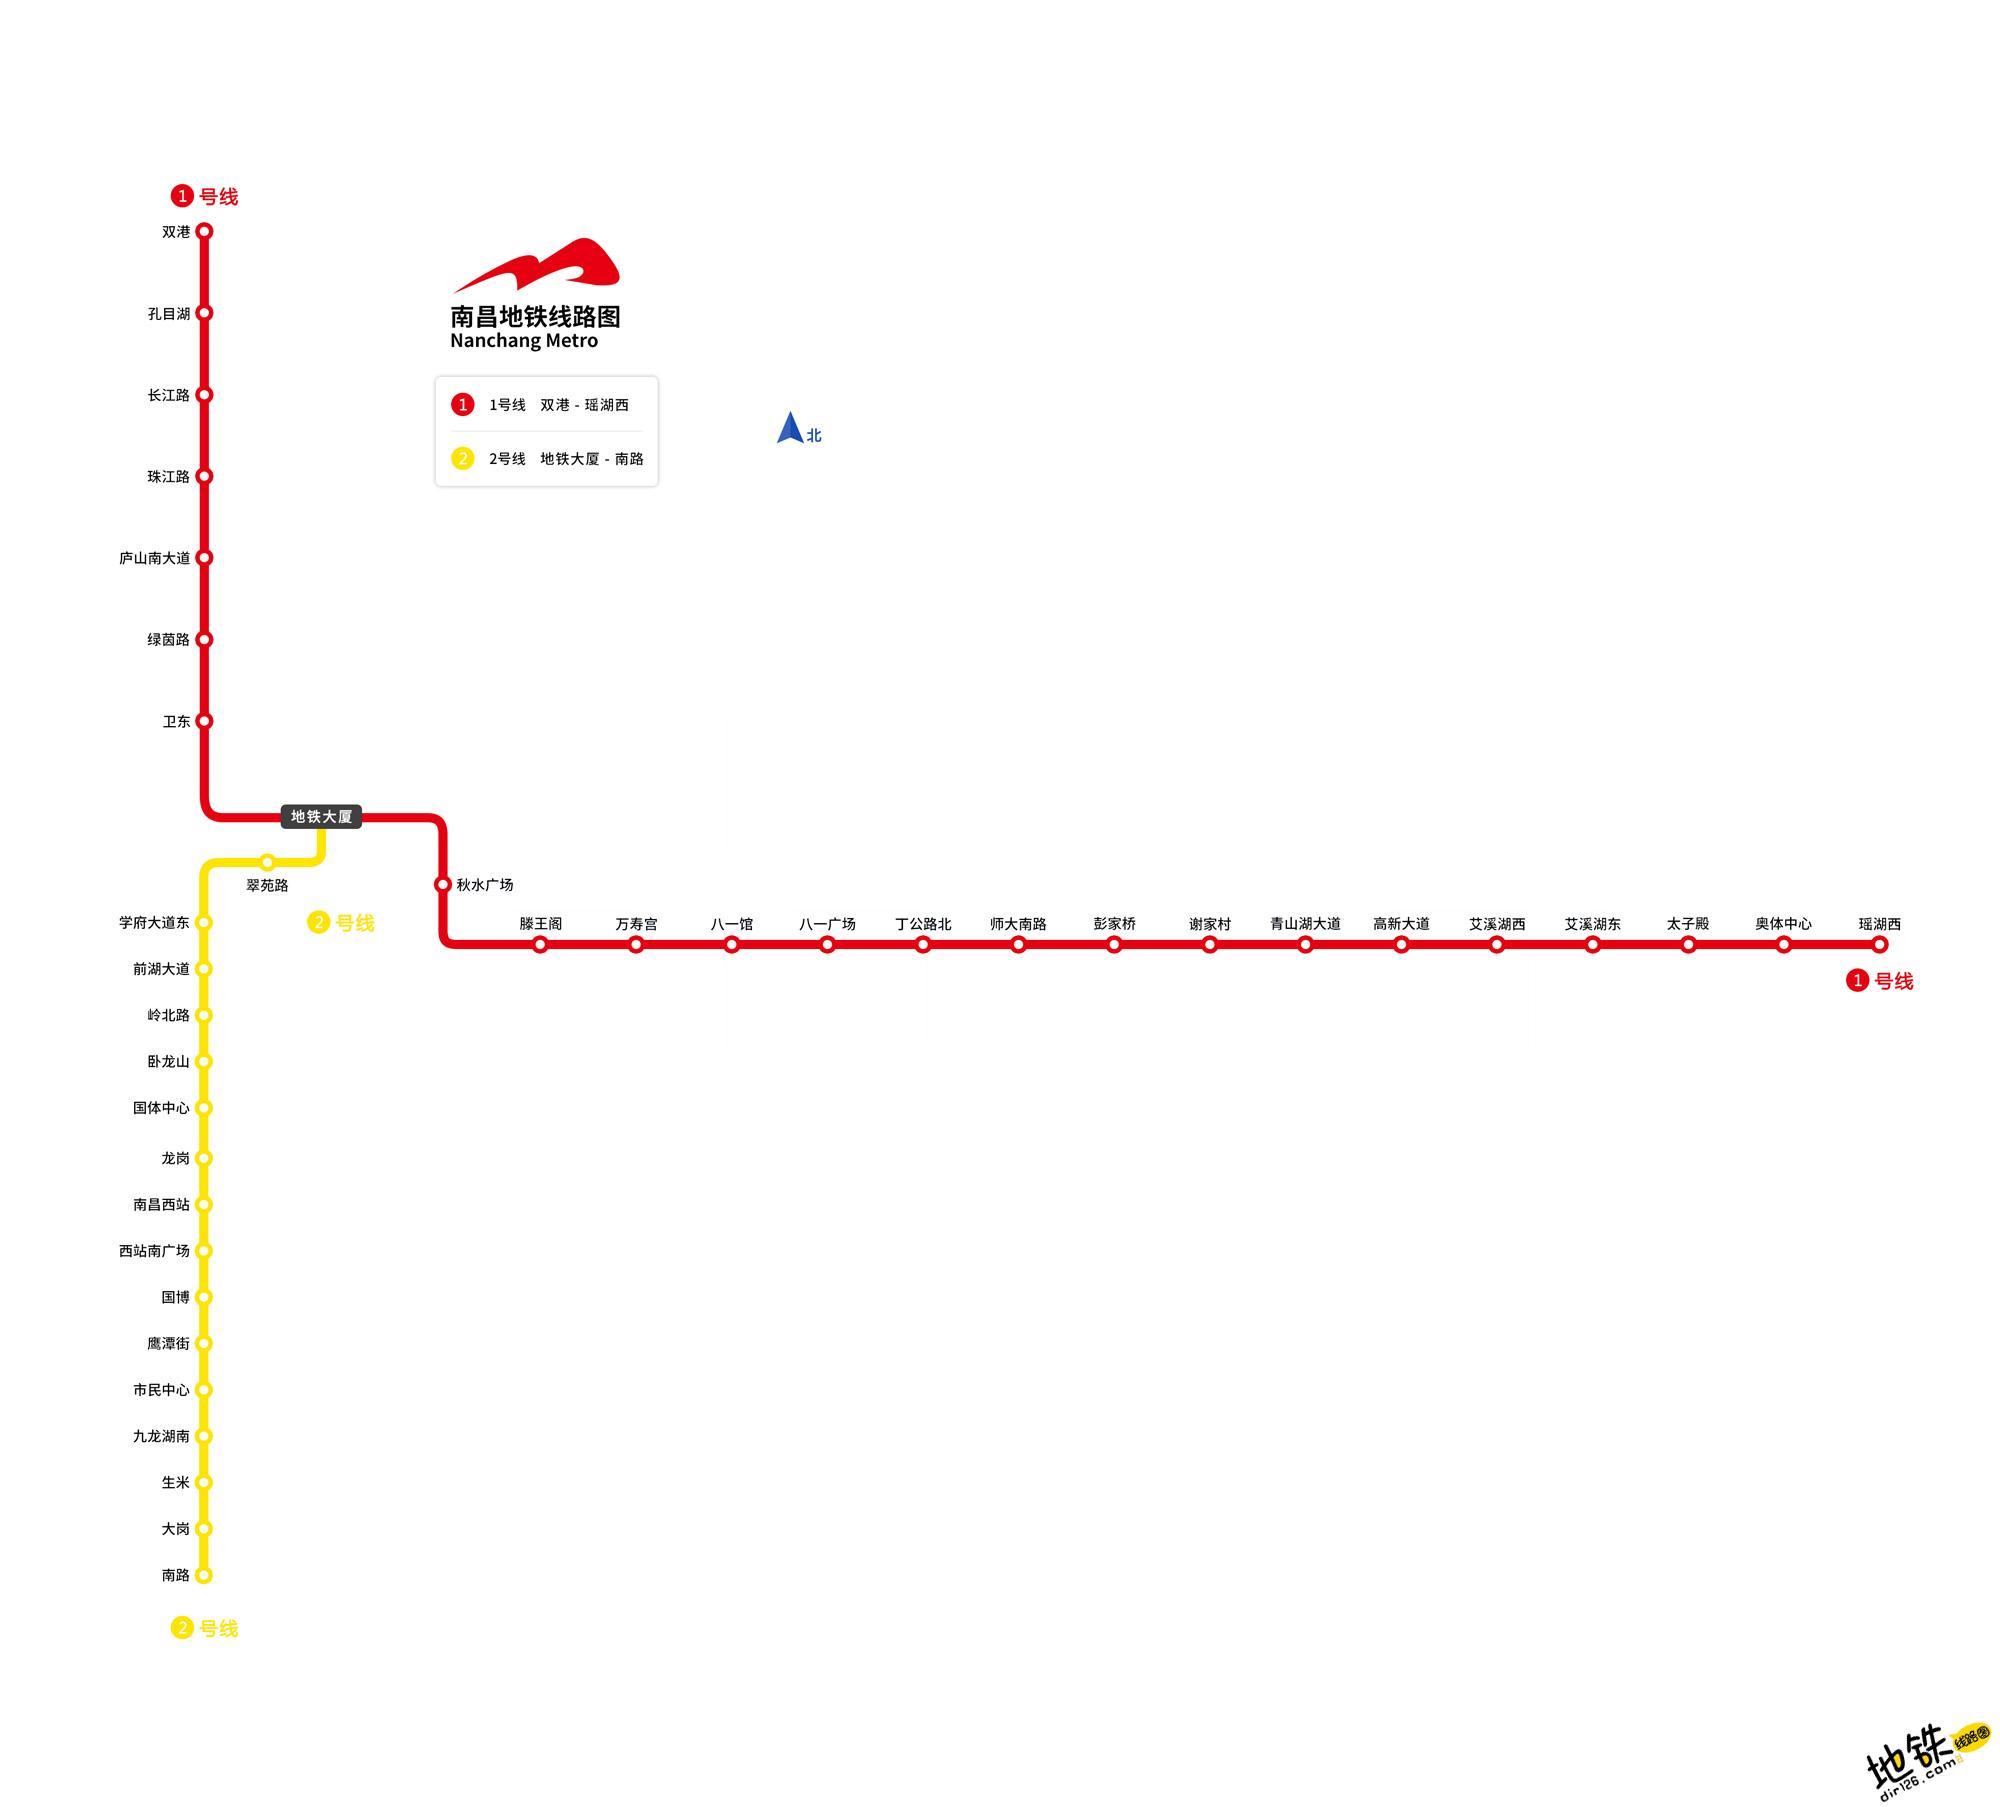 南昌地铁线路图 运营时间票价站点 查询下载 南昌地铁线路图.南昌地铁查询 南昌地铁票价 南昌地铁运营时间 南昌地铁 南昌地铁线路图  第1张